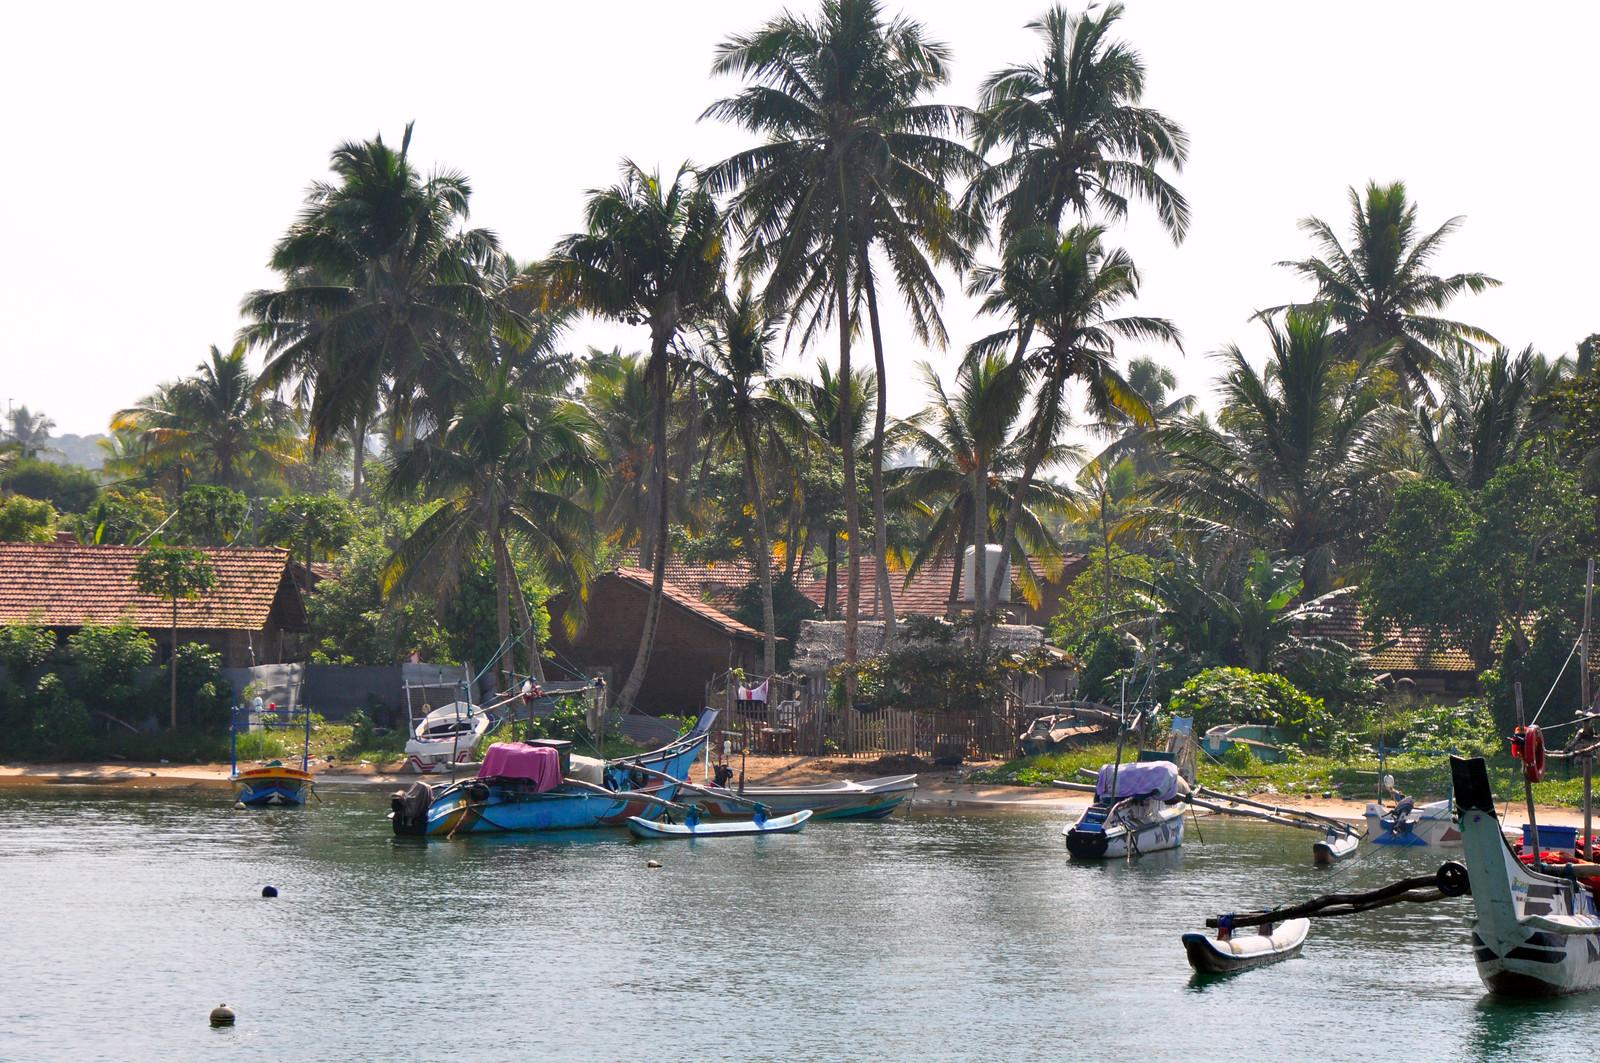 Qué hacer en Unawatuna, Sri Lanka qué hacer en unawatuna - 33260199008 769ec55cde h - Qué hacer en Unawatuna, el paraíso de Sri Lanka